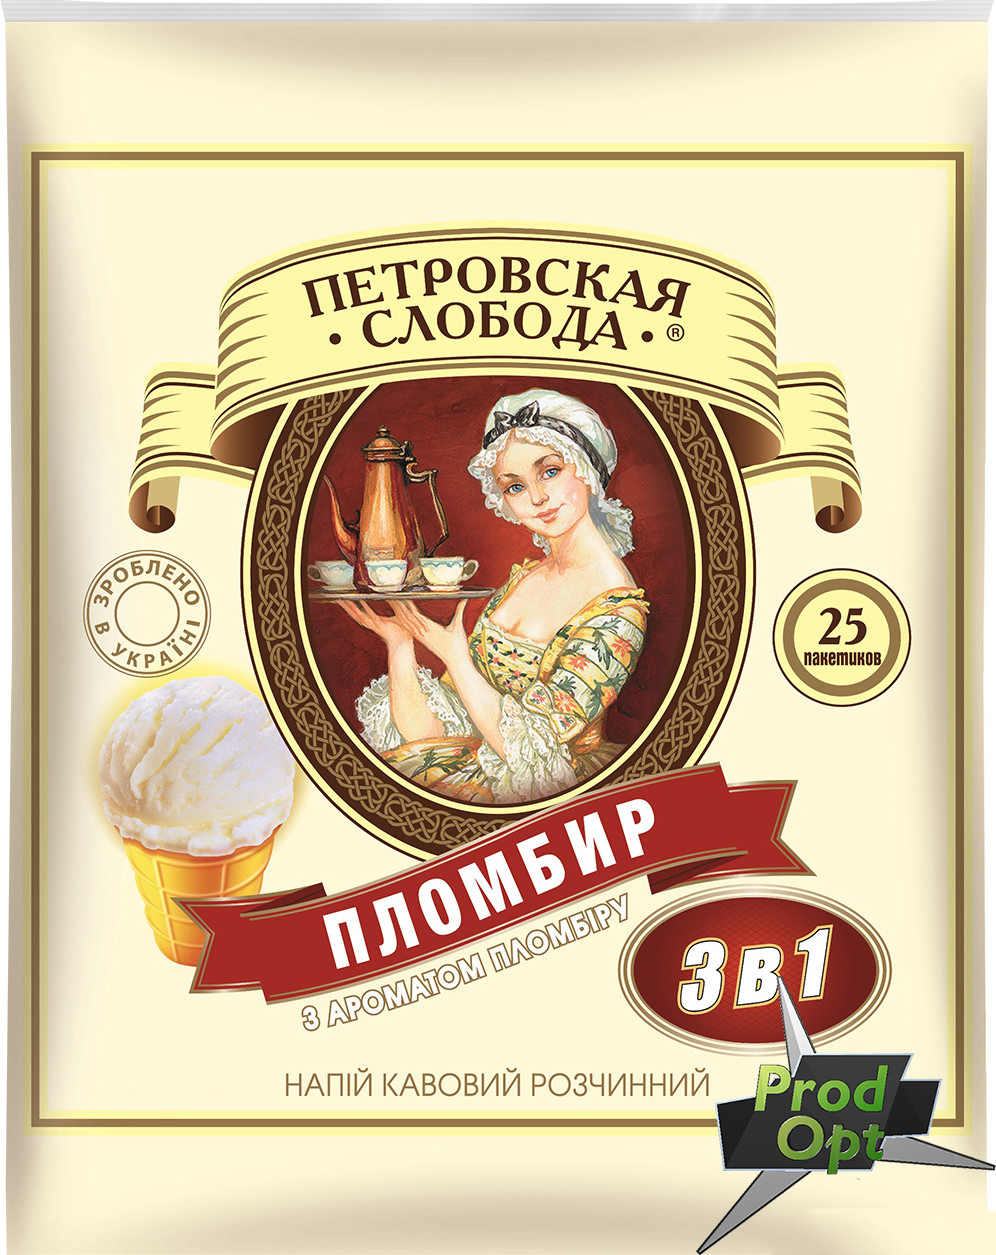 Кава розчинна Петровська Слобода 3в1 Пломбір 25 пакетів